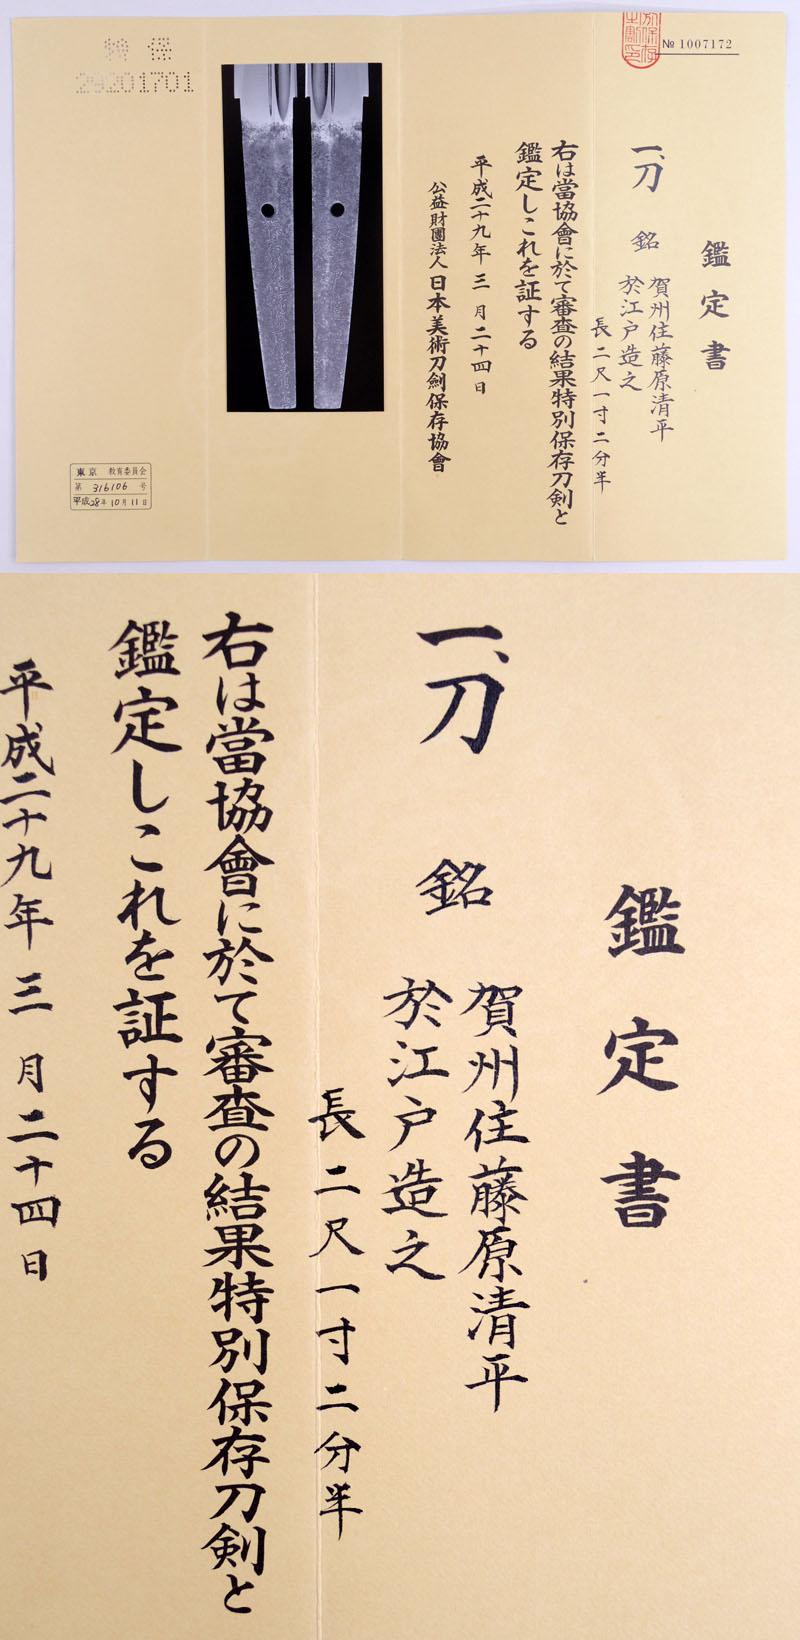 賀州住藤原清平(八幡山清平) Picture of Certificate